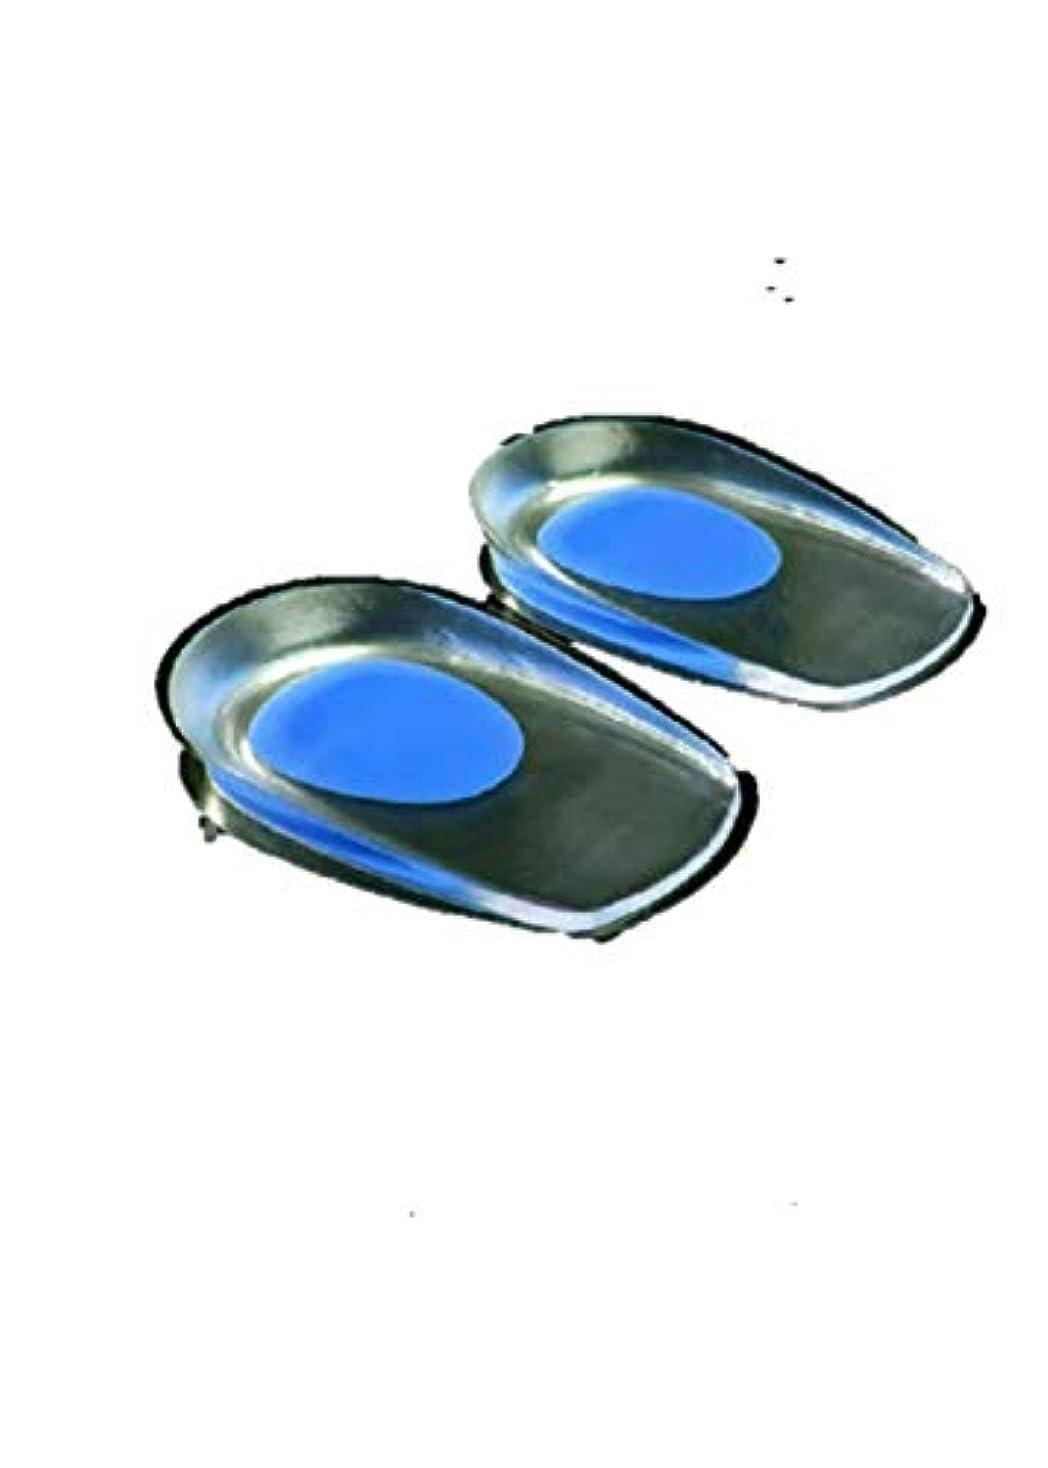 ぬいぐるみ重要な役割を果たす、中心的な手段となるシャーヒールペインインソール女性メンズ痛みスーパーソフトシリコンヒールパッドヒール痛みリリーフロングステーションペインヒールパッド